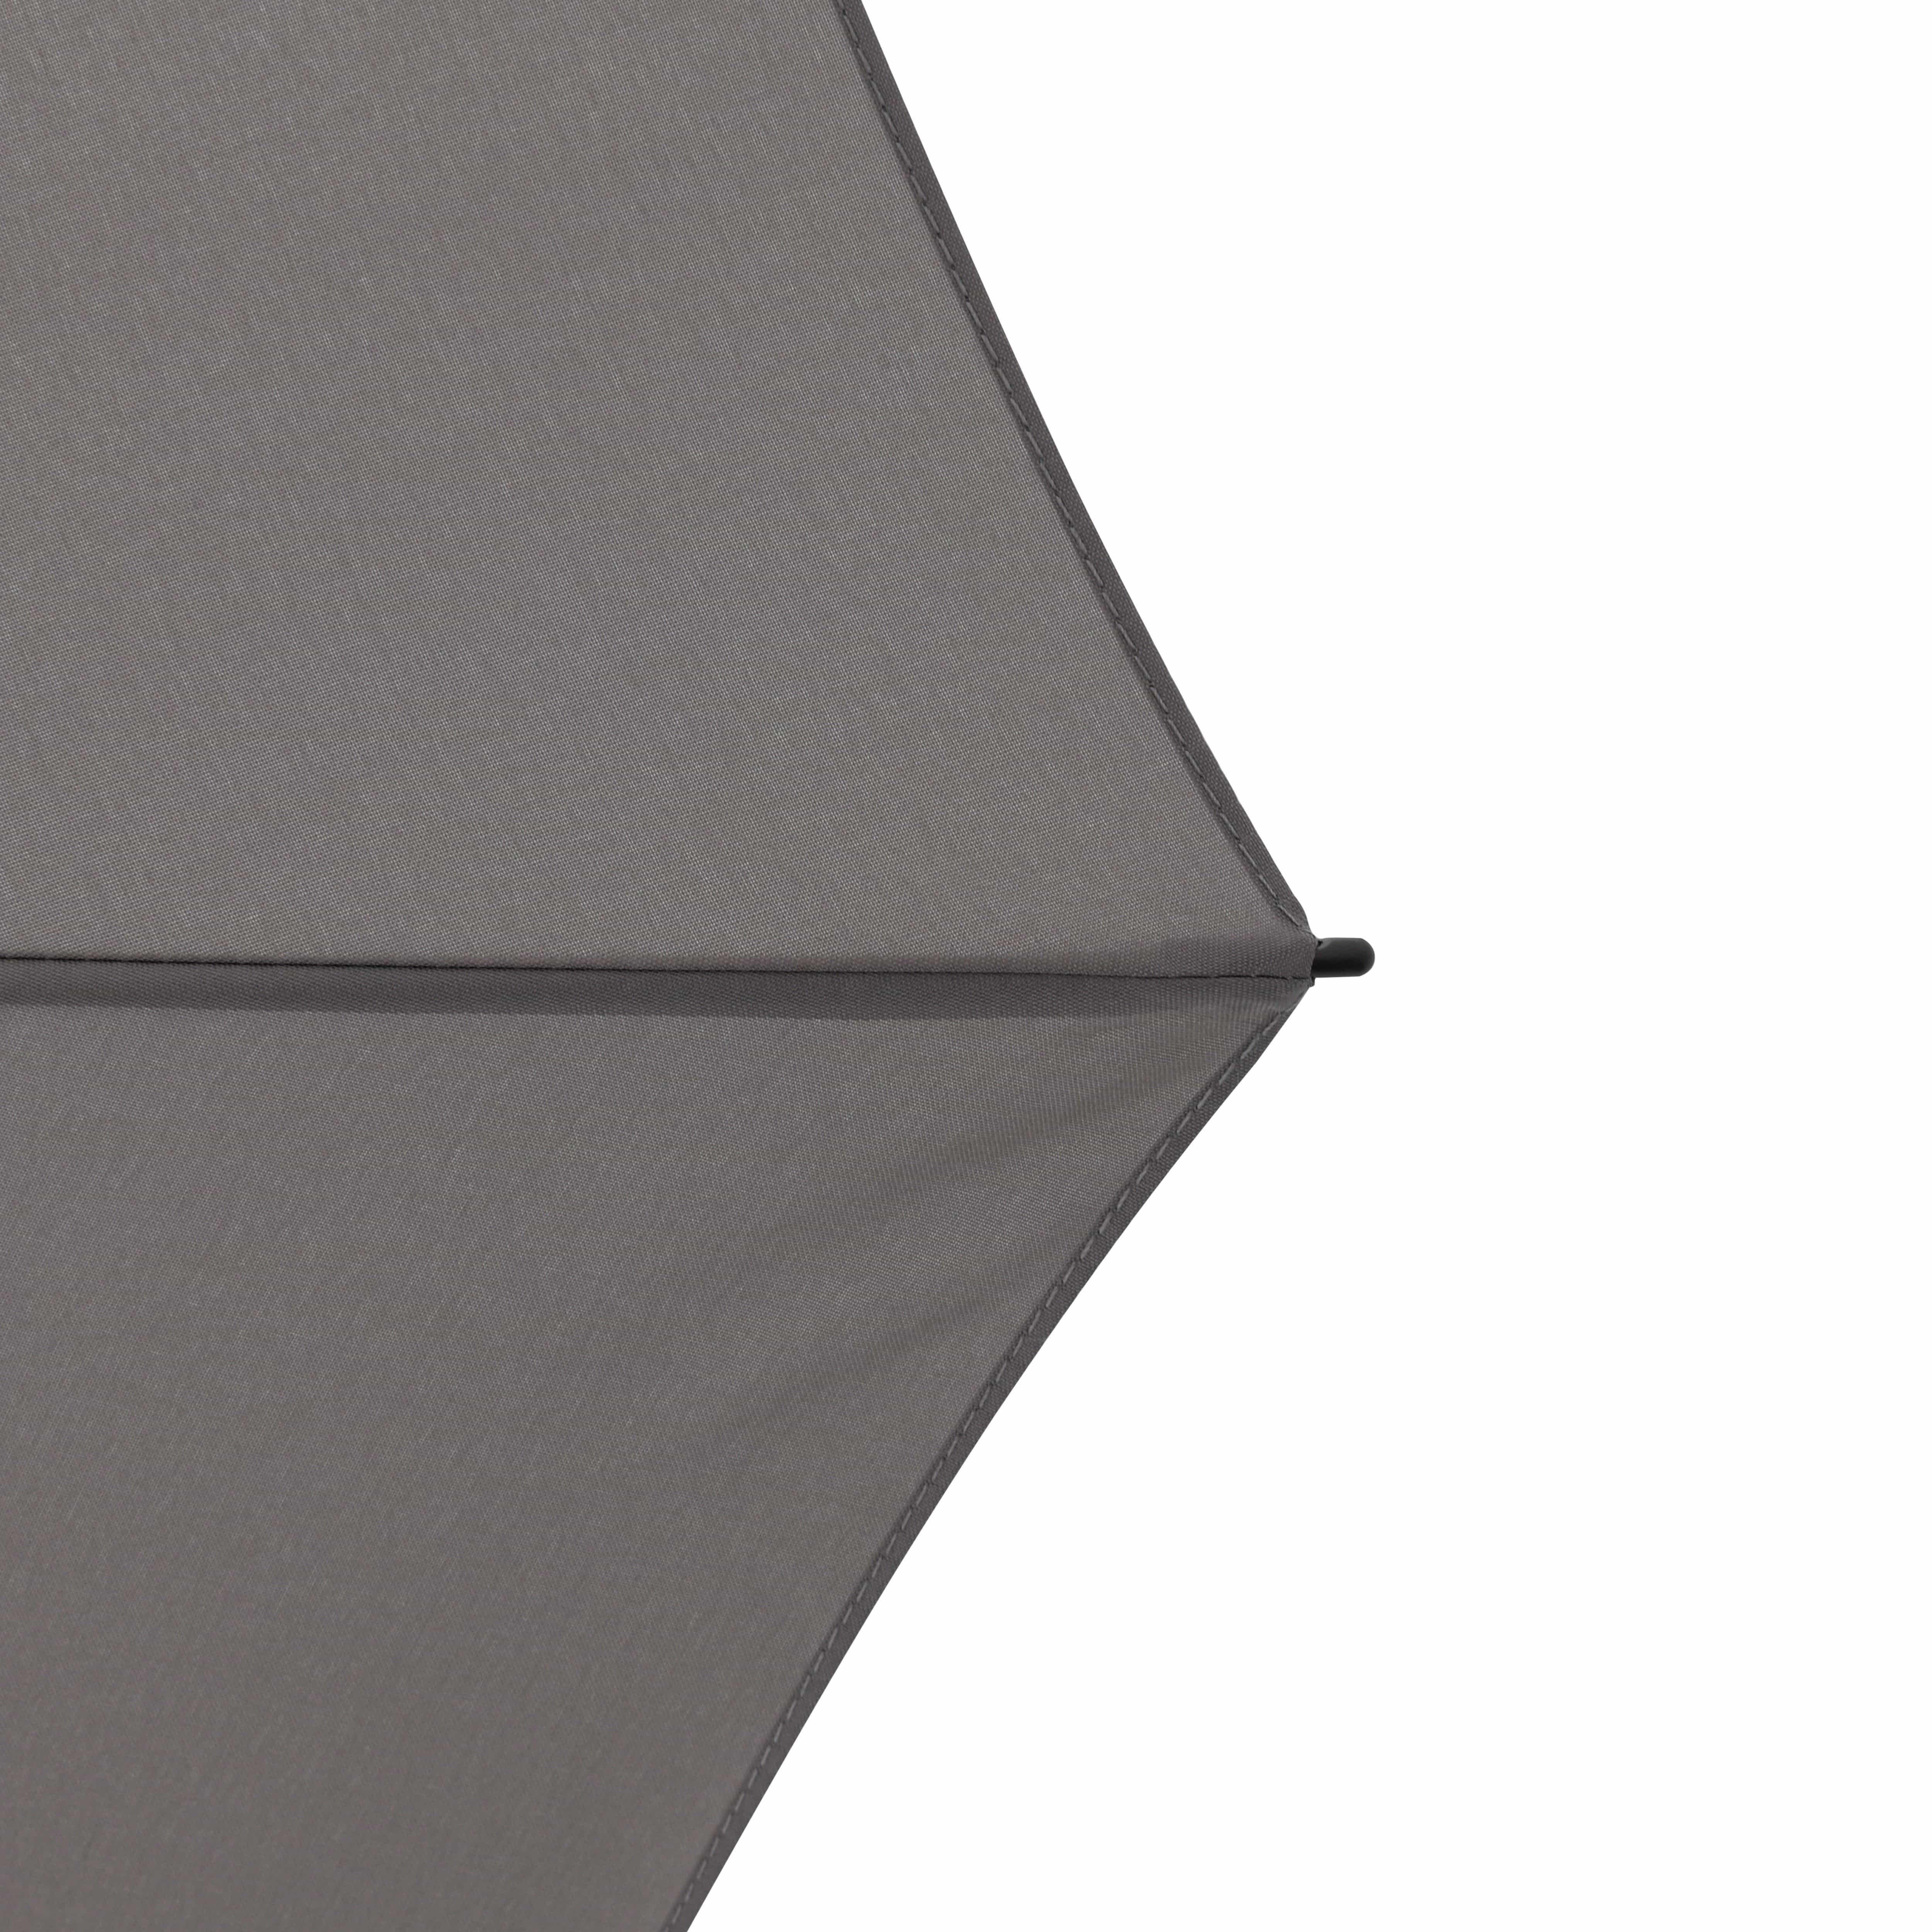 Knirps Umbrella C.050 medium manual - photo 6